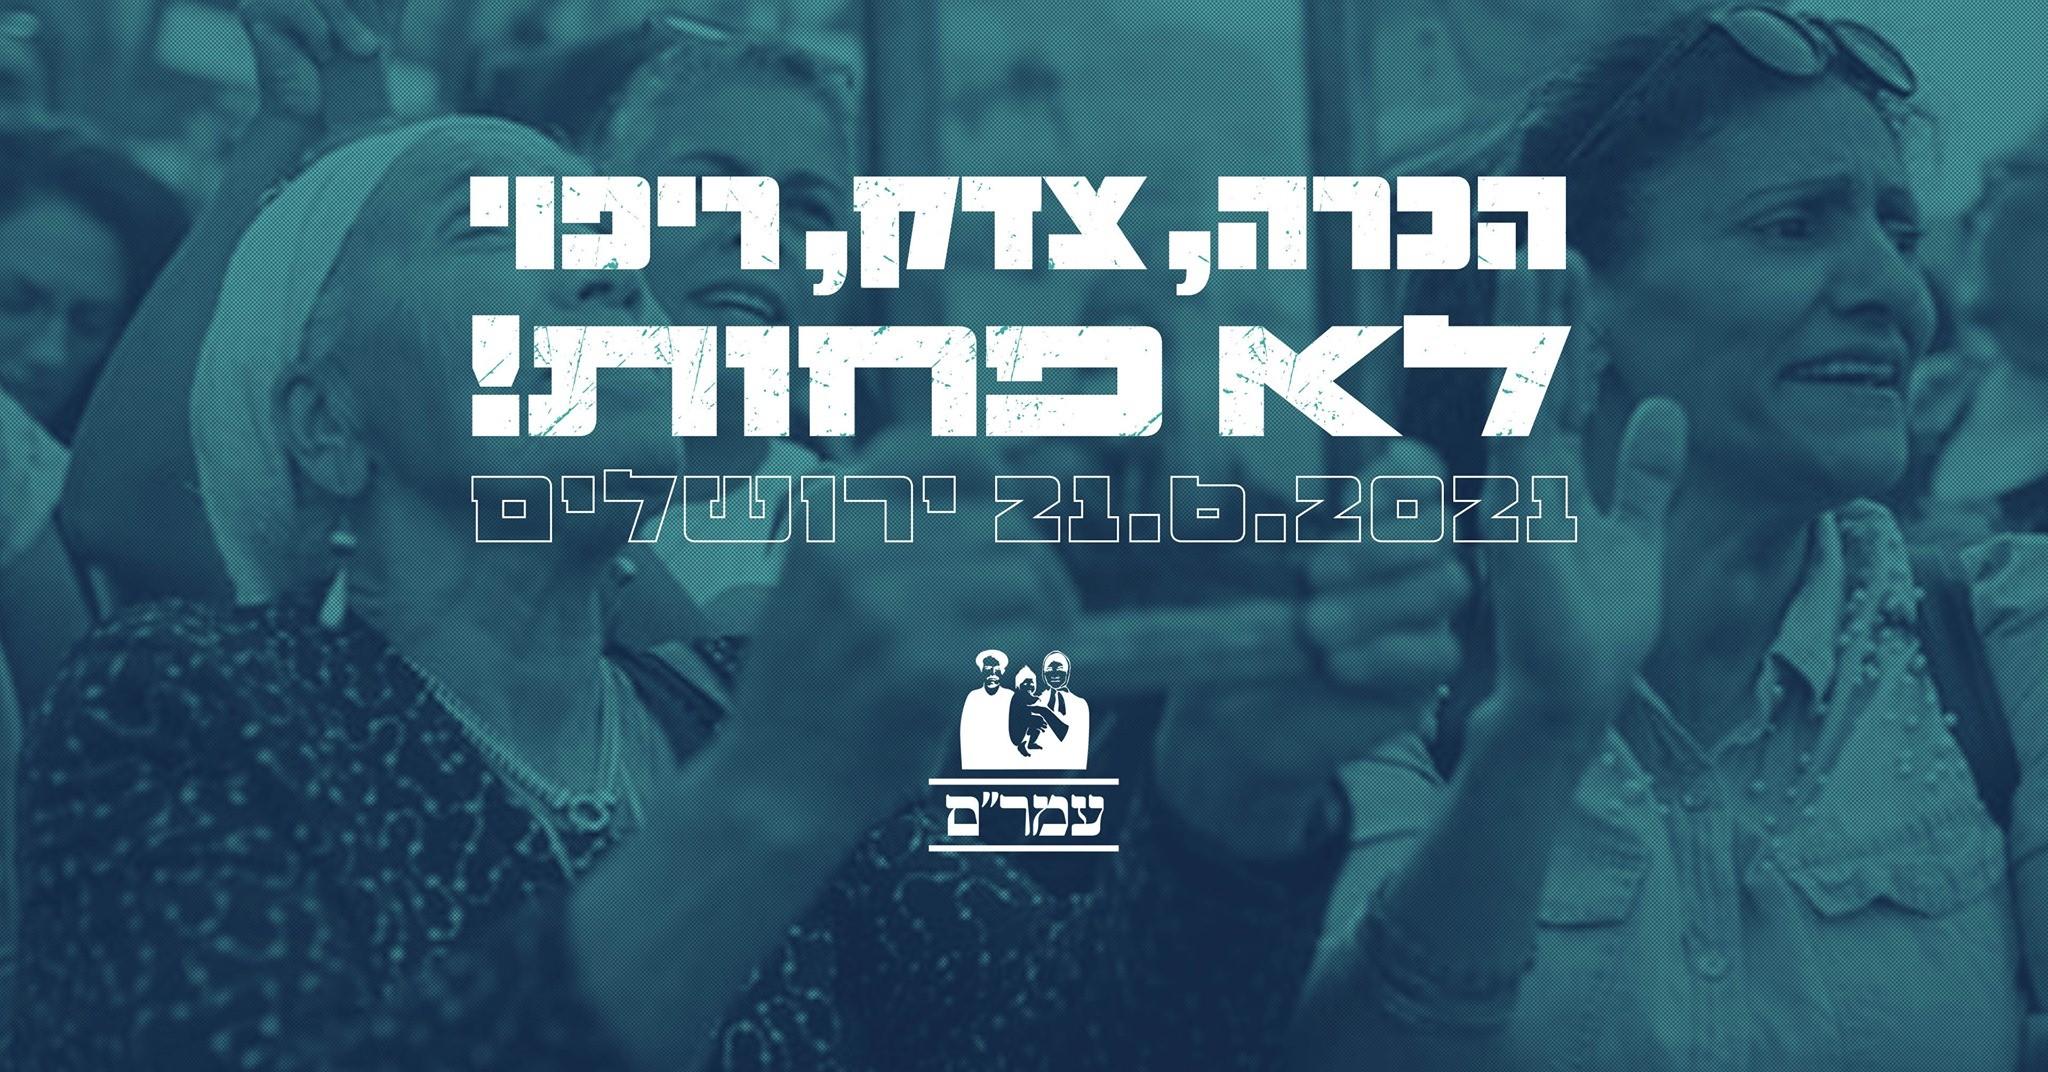 """חד""""ש קראה להשתתף בעצרת יום המודעות לחטיפות ילדי תימן, מזרח והבלקן"""